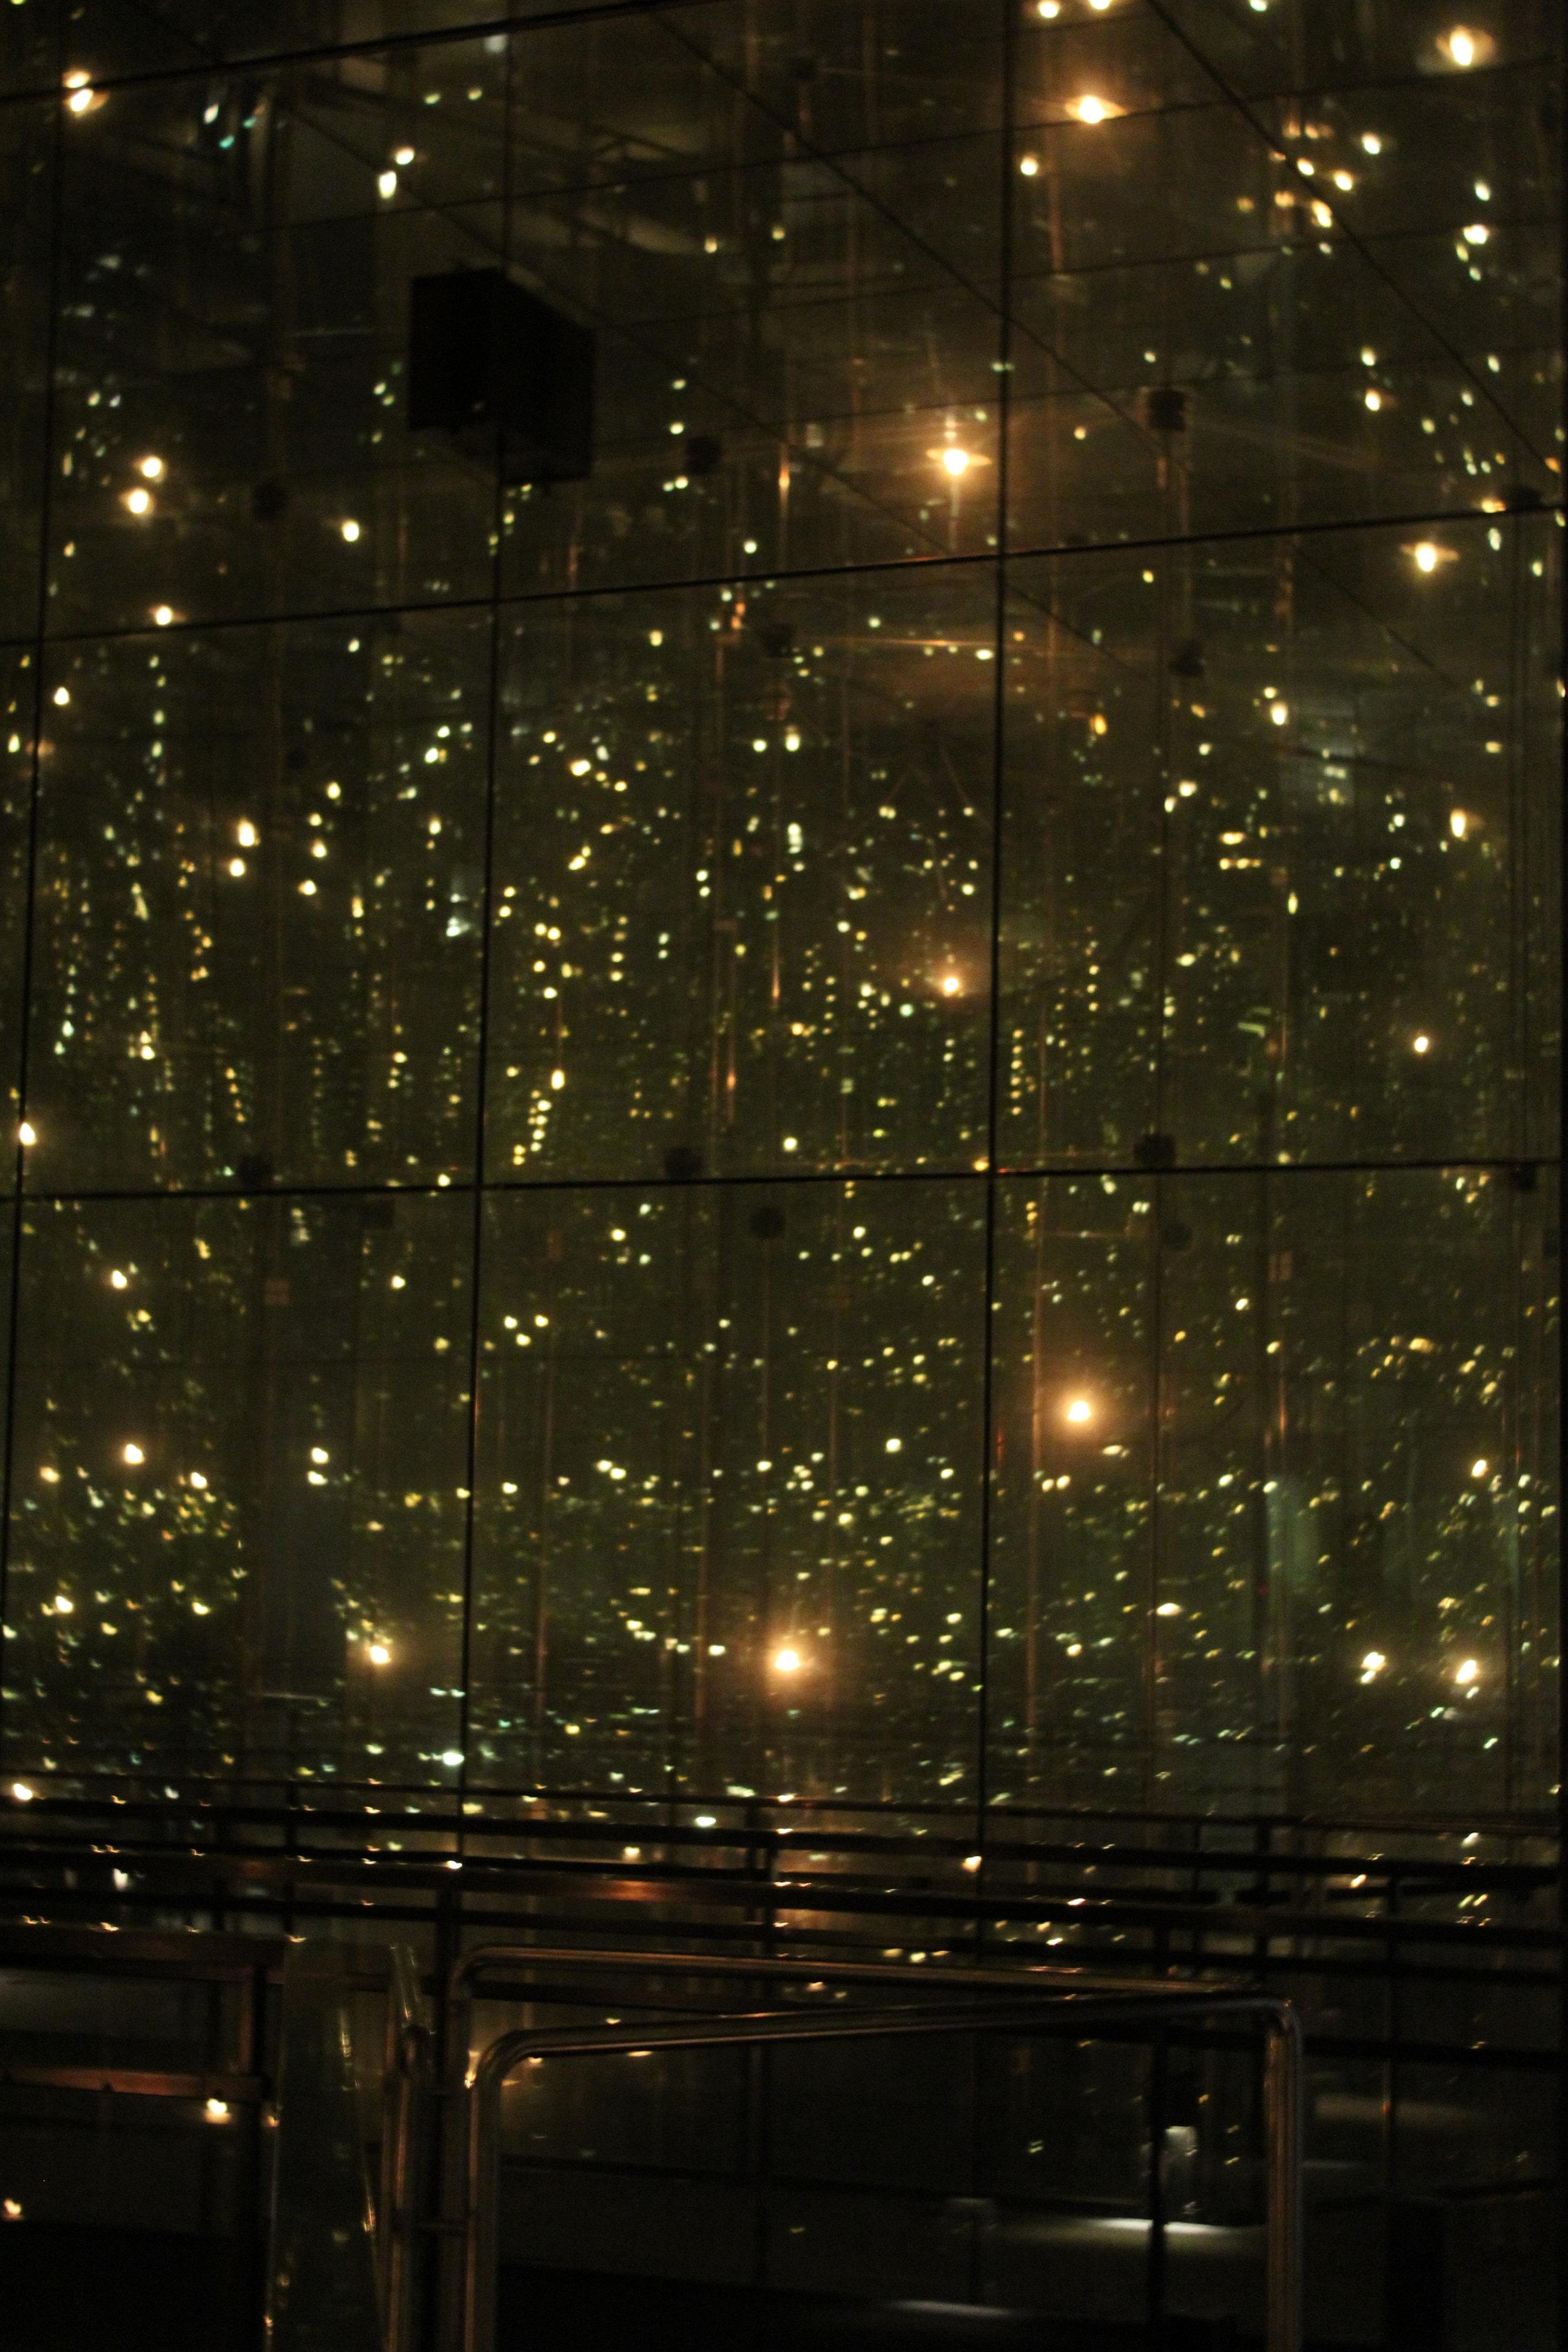 Childrens monument, med lång slutartid för att alls fånga ljus på bild